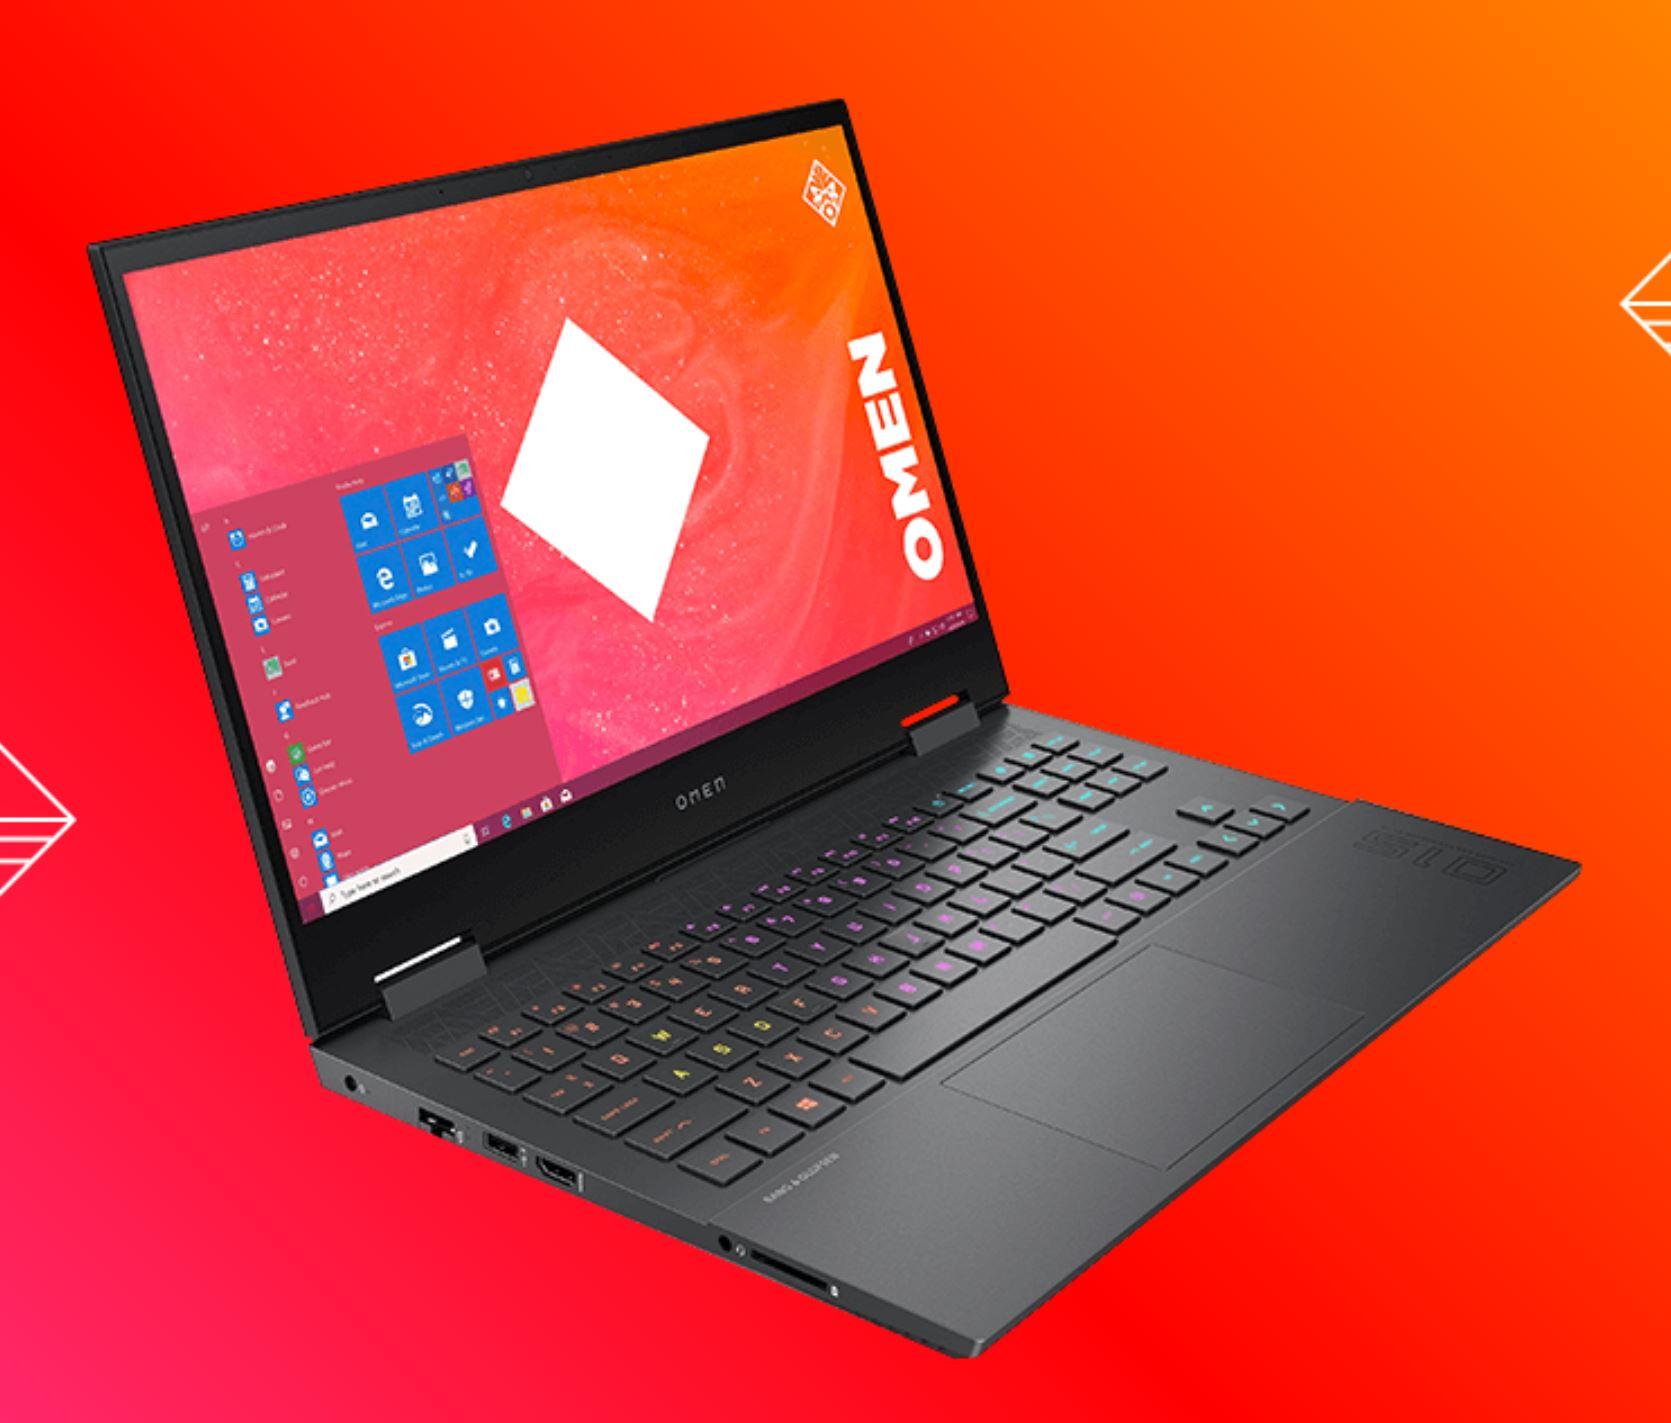 Jak wybrać laptopa do nauki i nie przepłacić - HP Omen